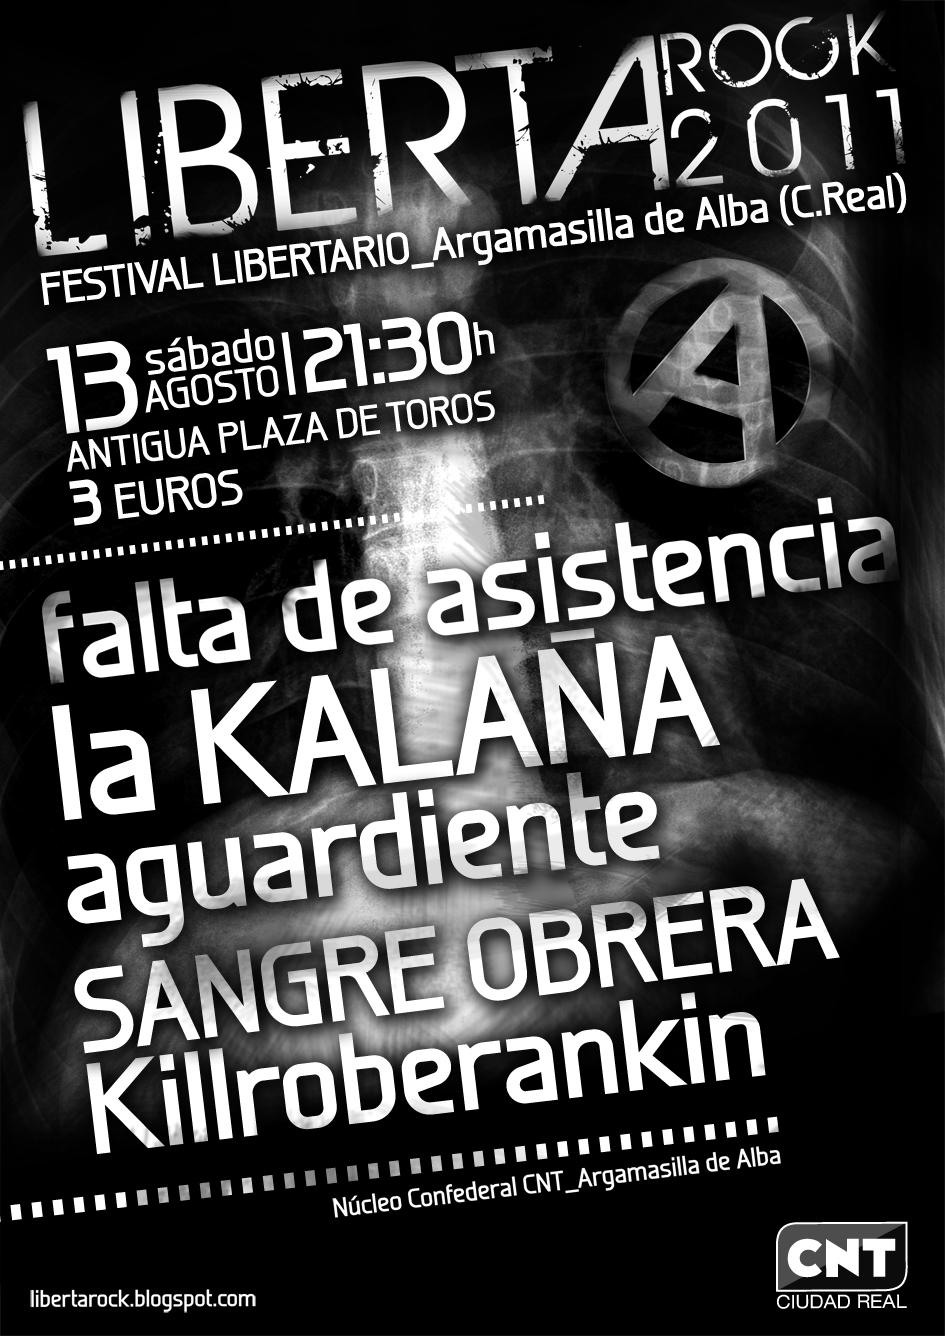 CNT organiza el festival Libertarock 2011 en Argamasilla de Alba